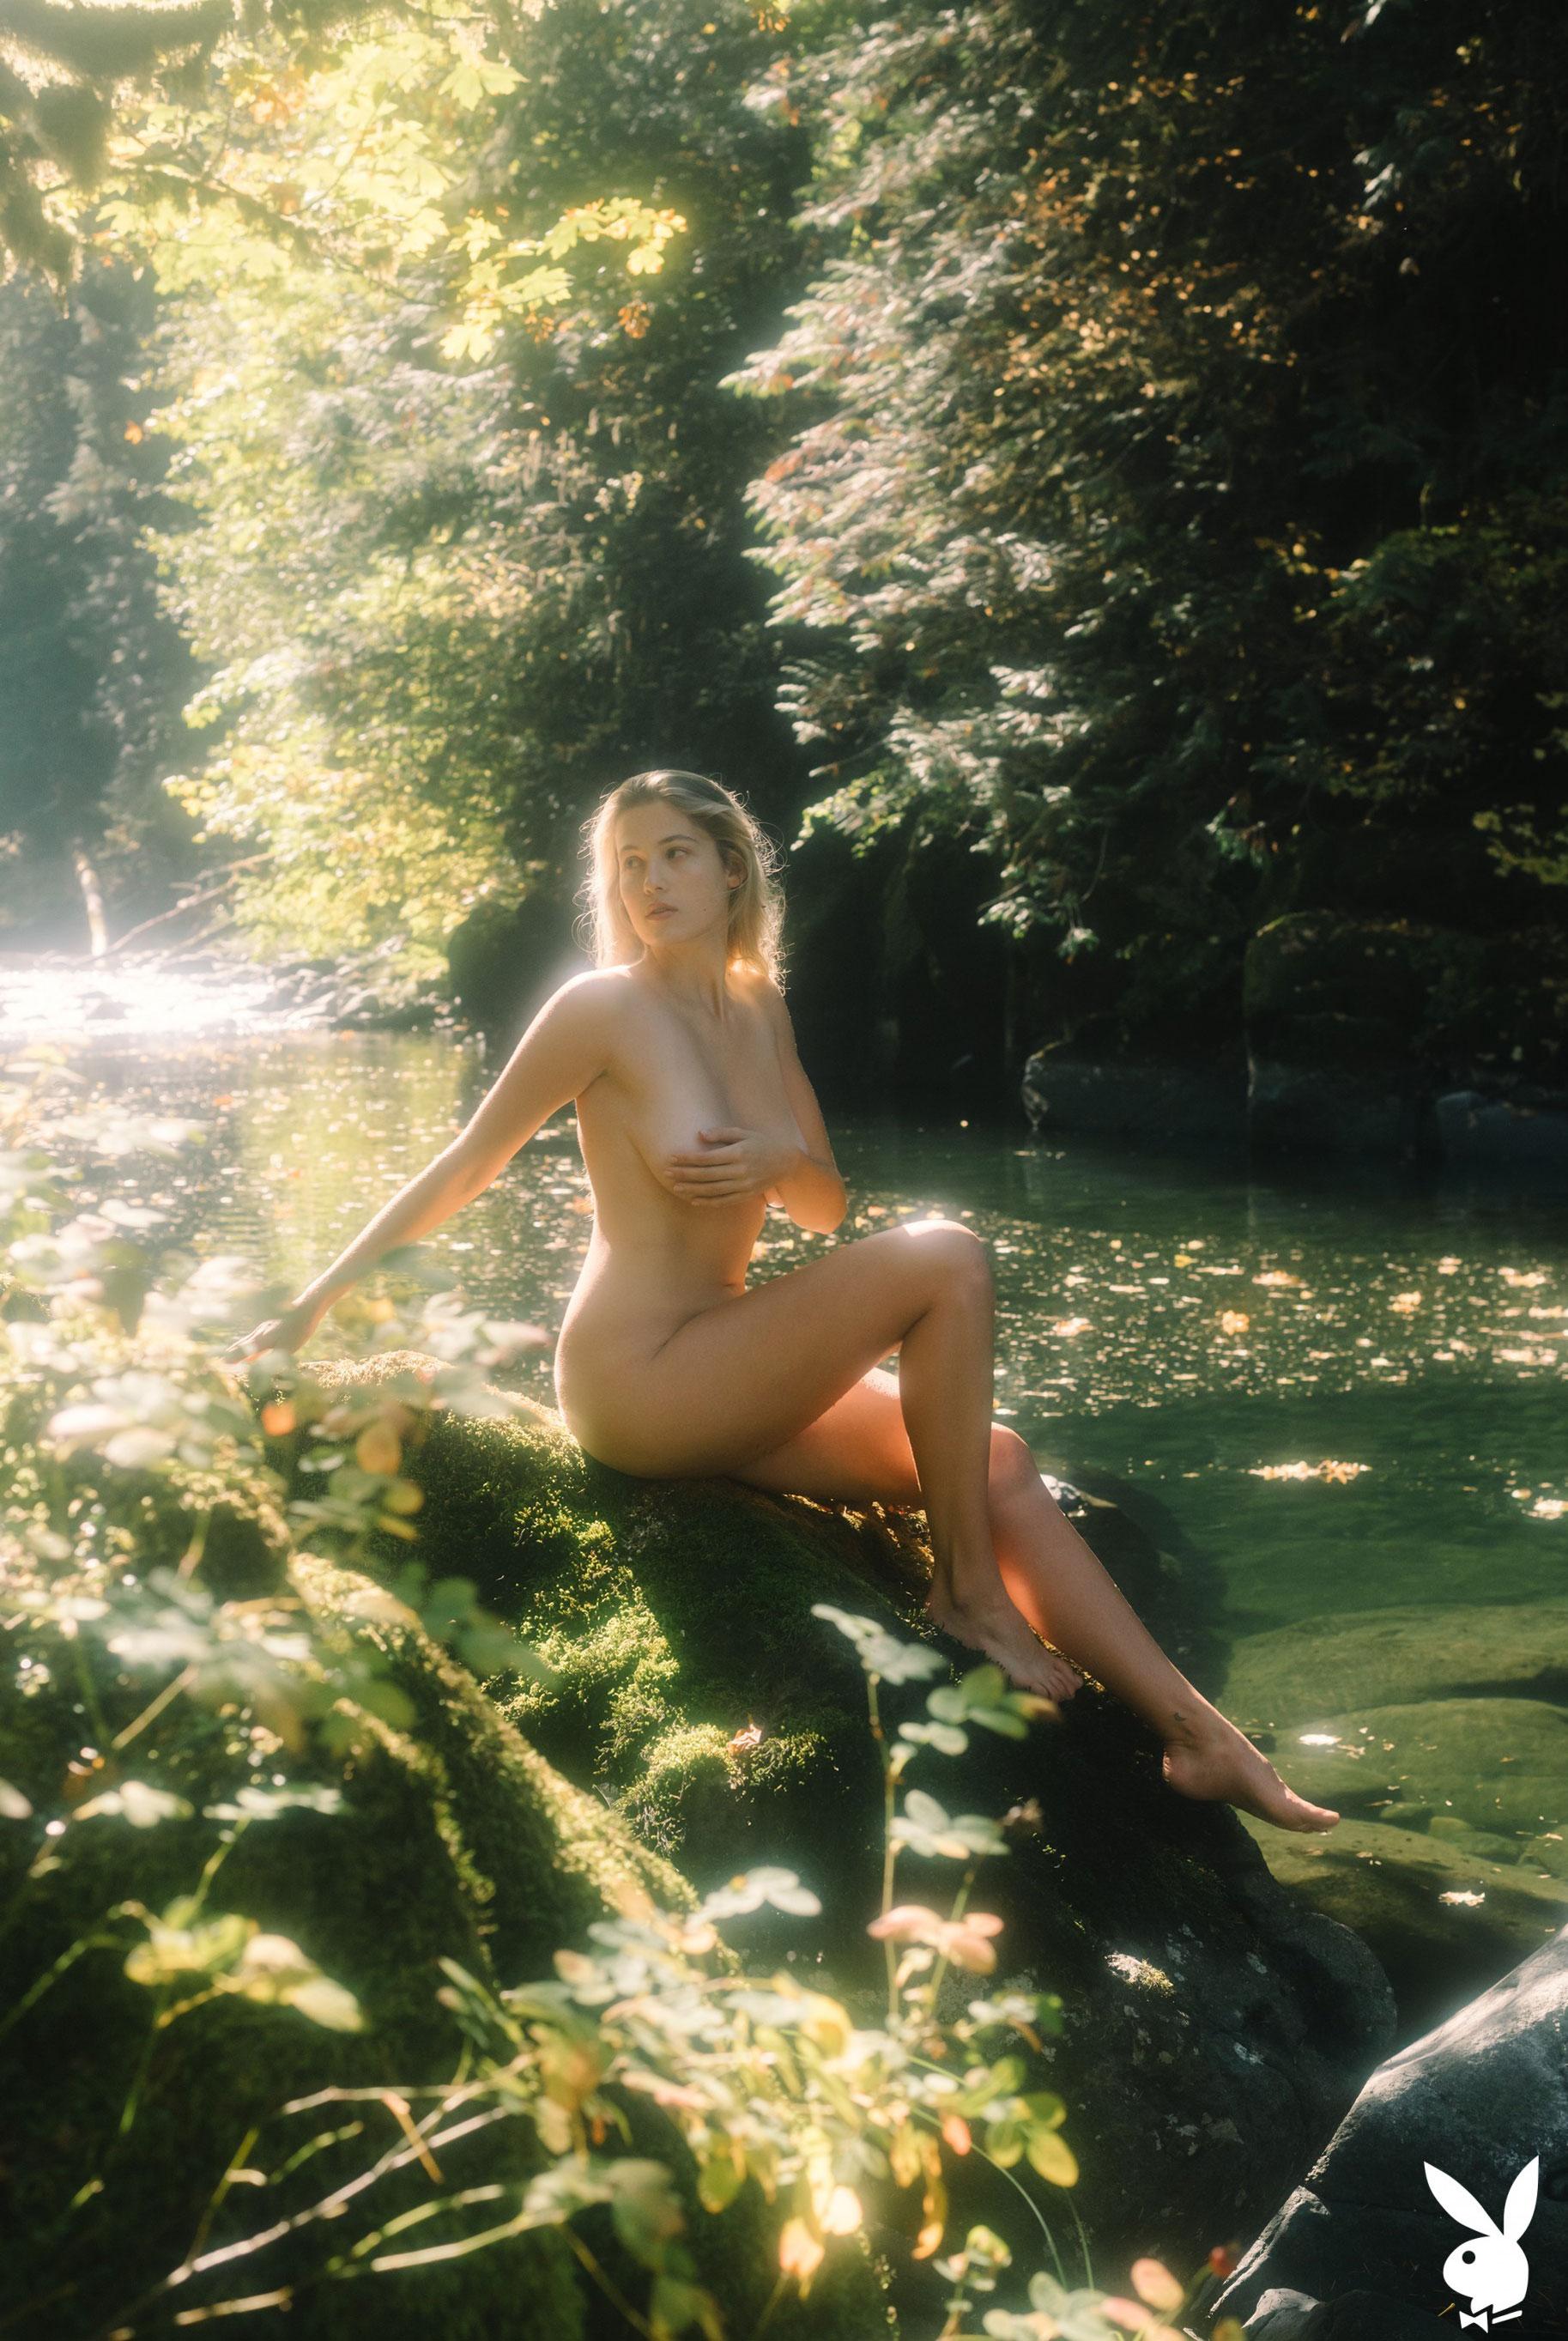 Меган Мур - Девушка месяца февраль 2019 Playboy США / фото 07